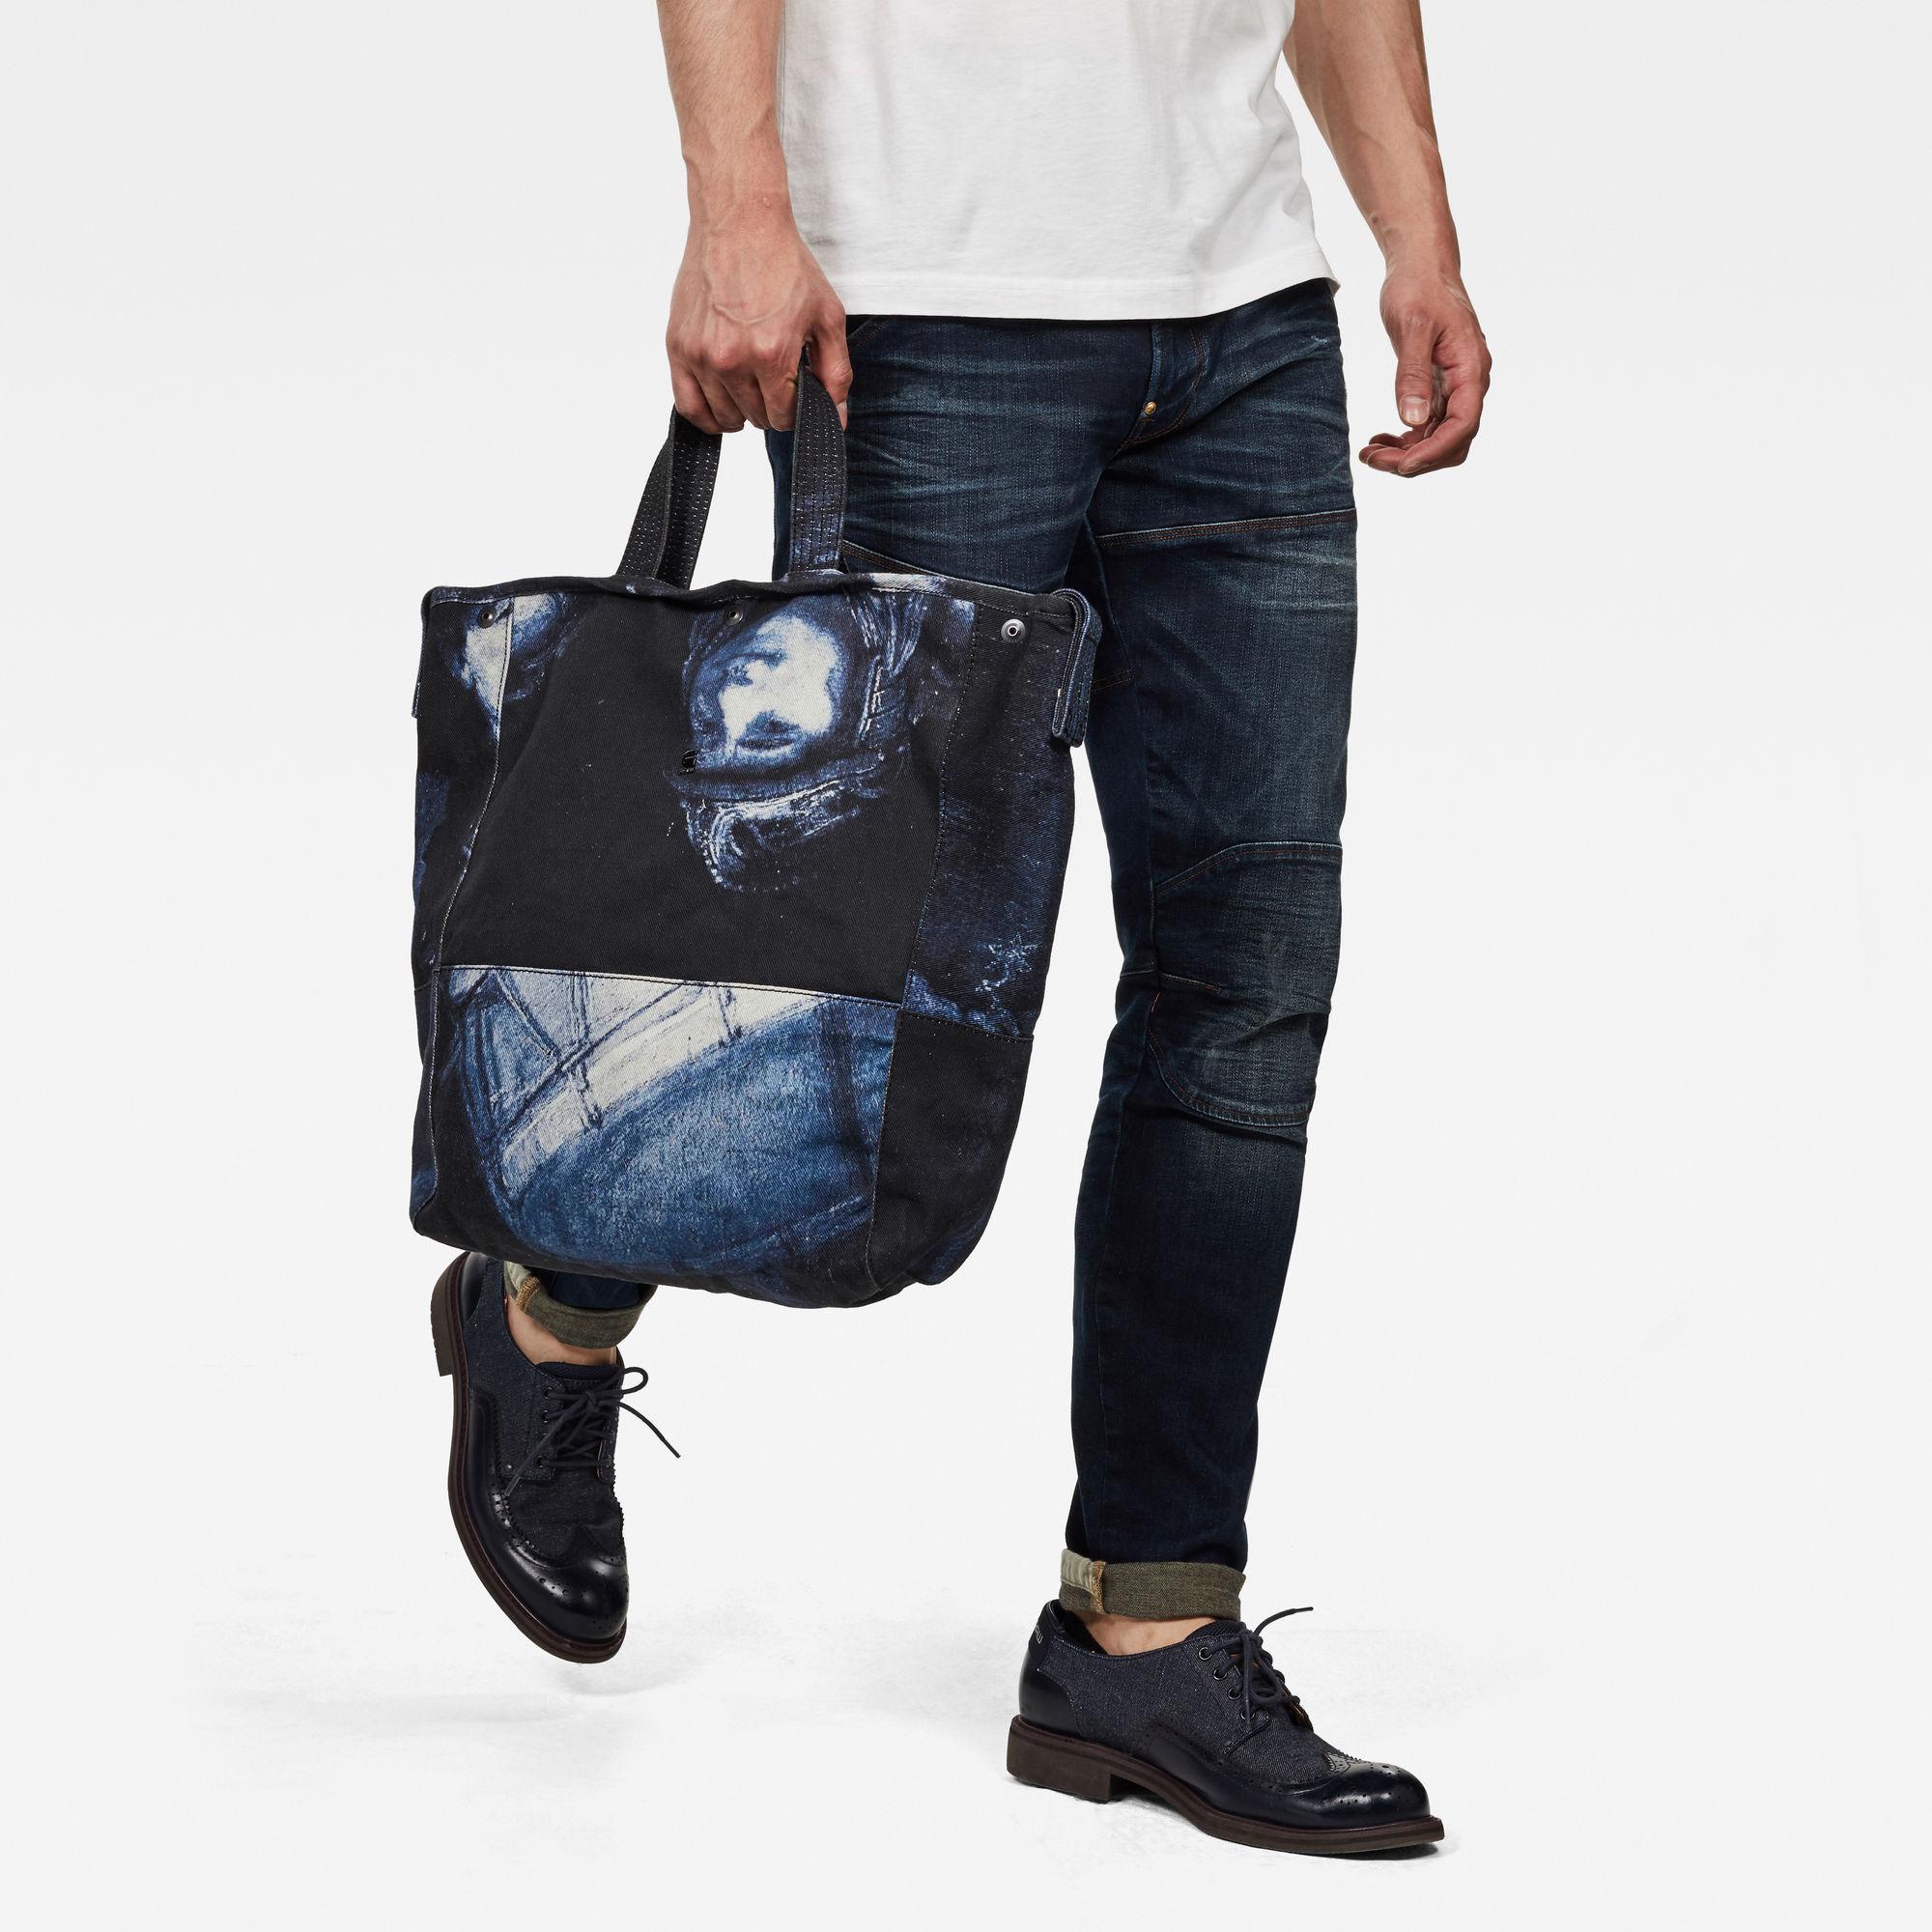 Rijks Denim Shopper-tas All-over